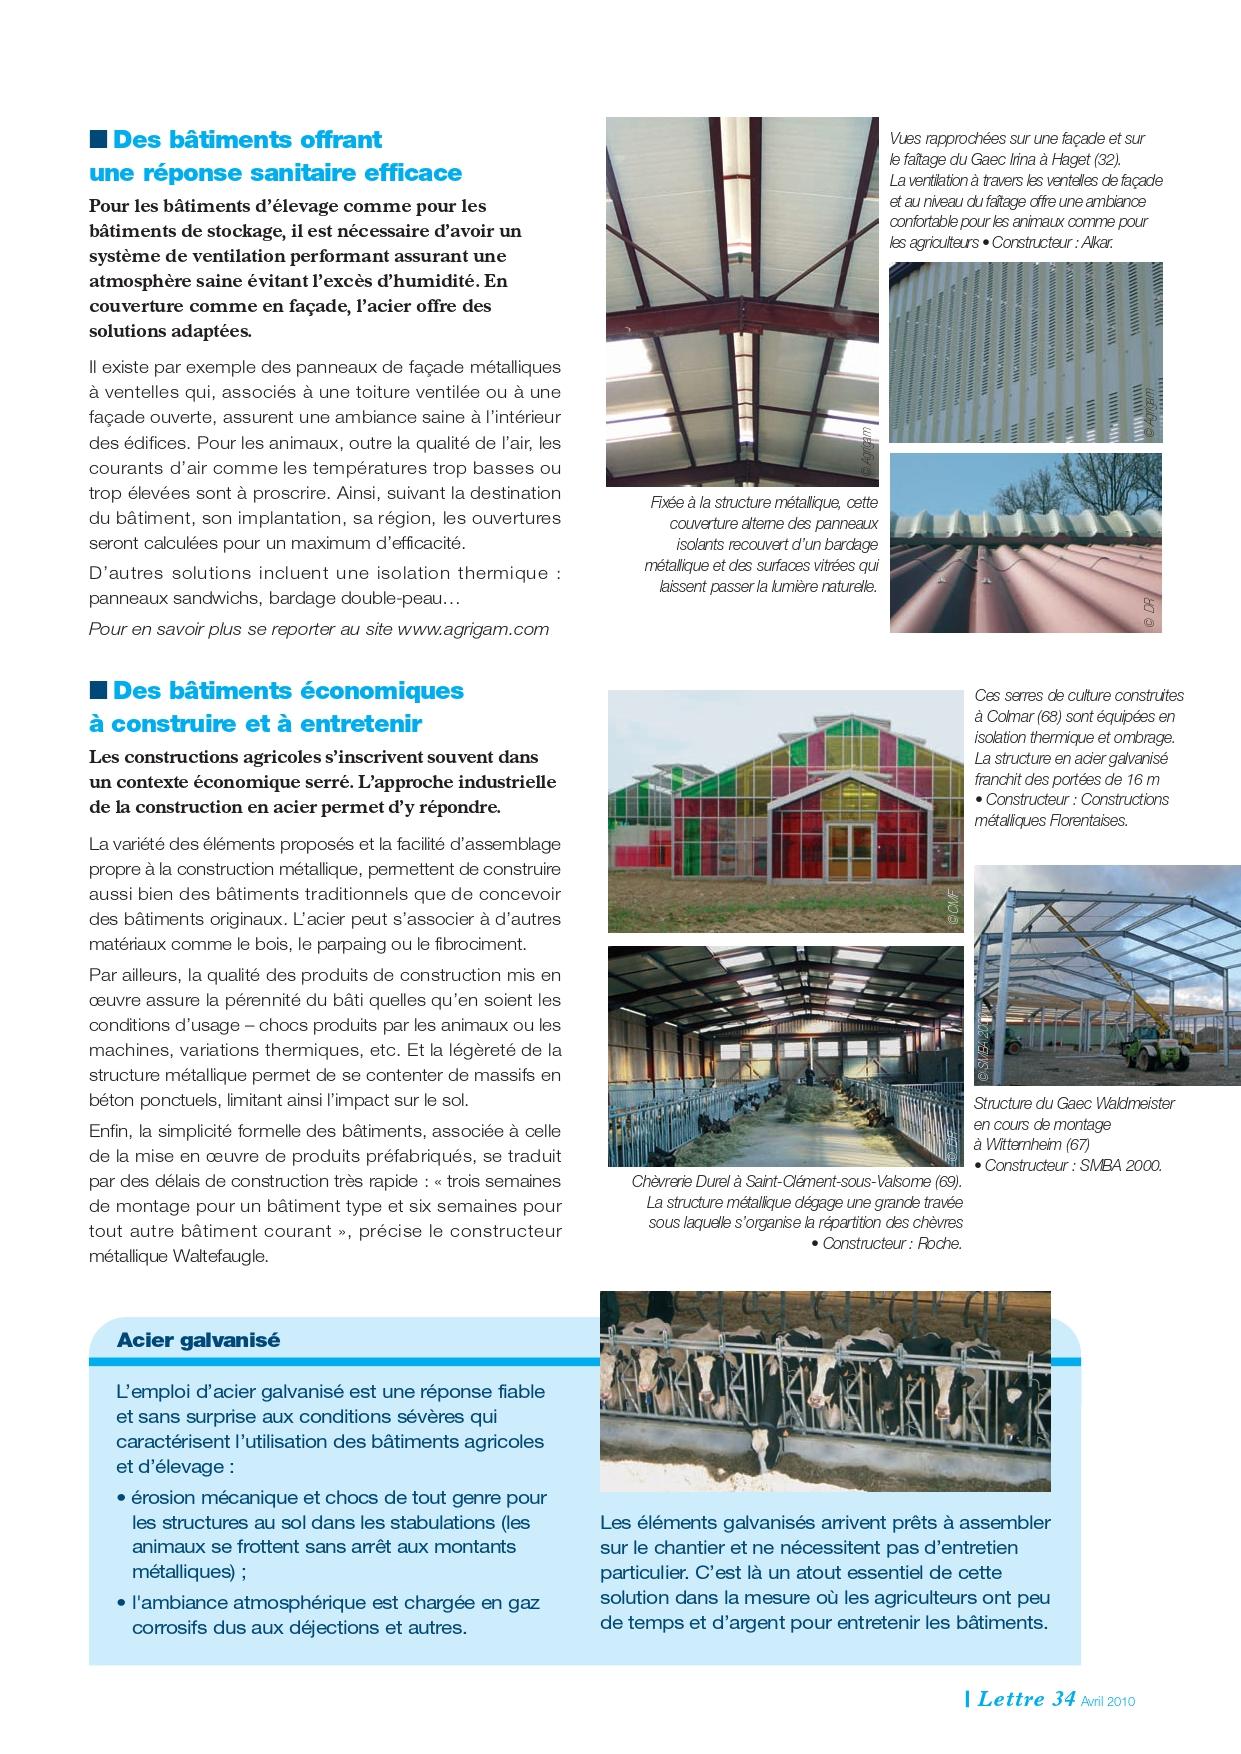 Construire Acier 2010_page-0003